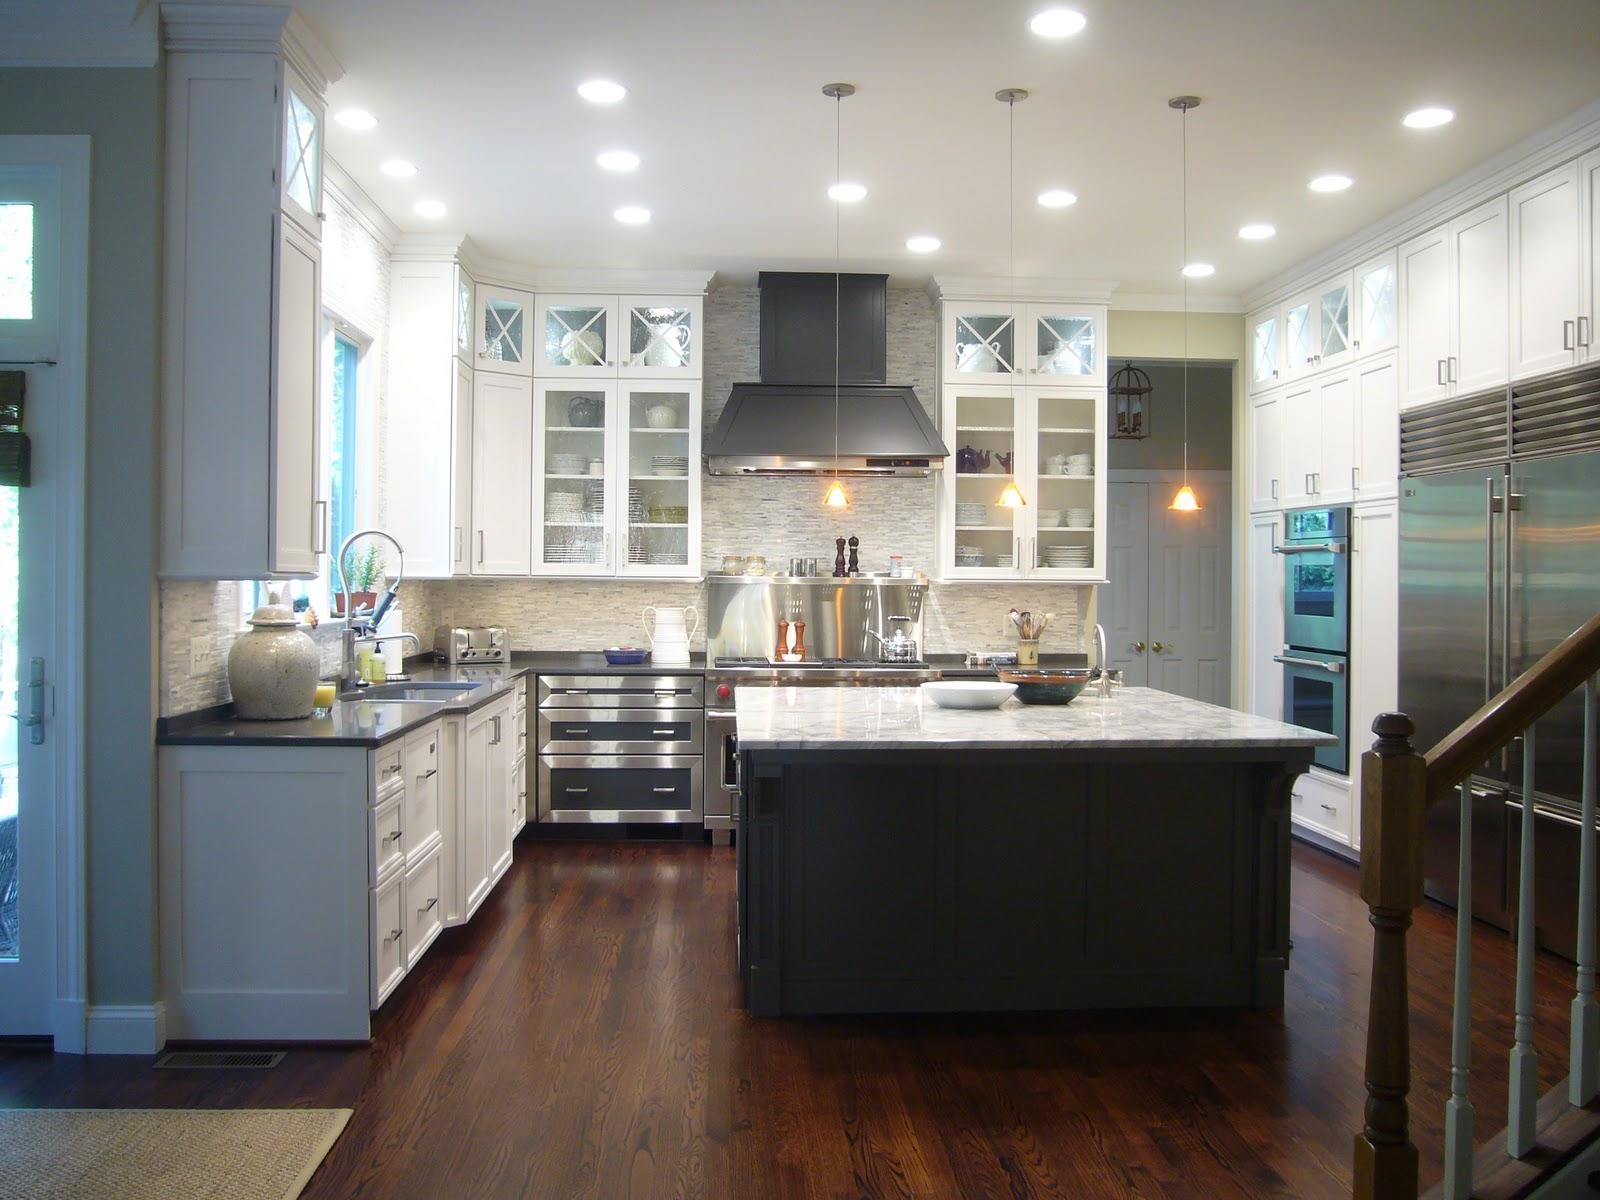 Rabbit Runn Designs: A Kitchen Makeover